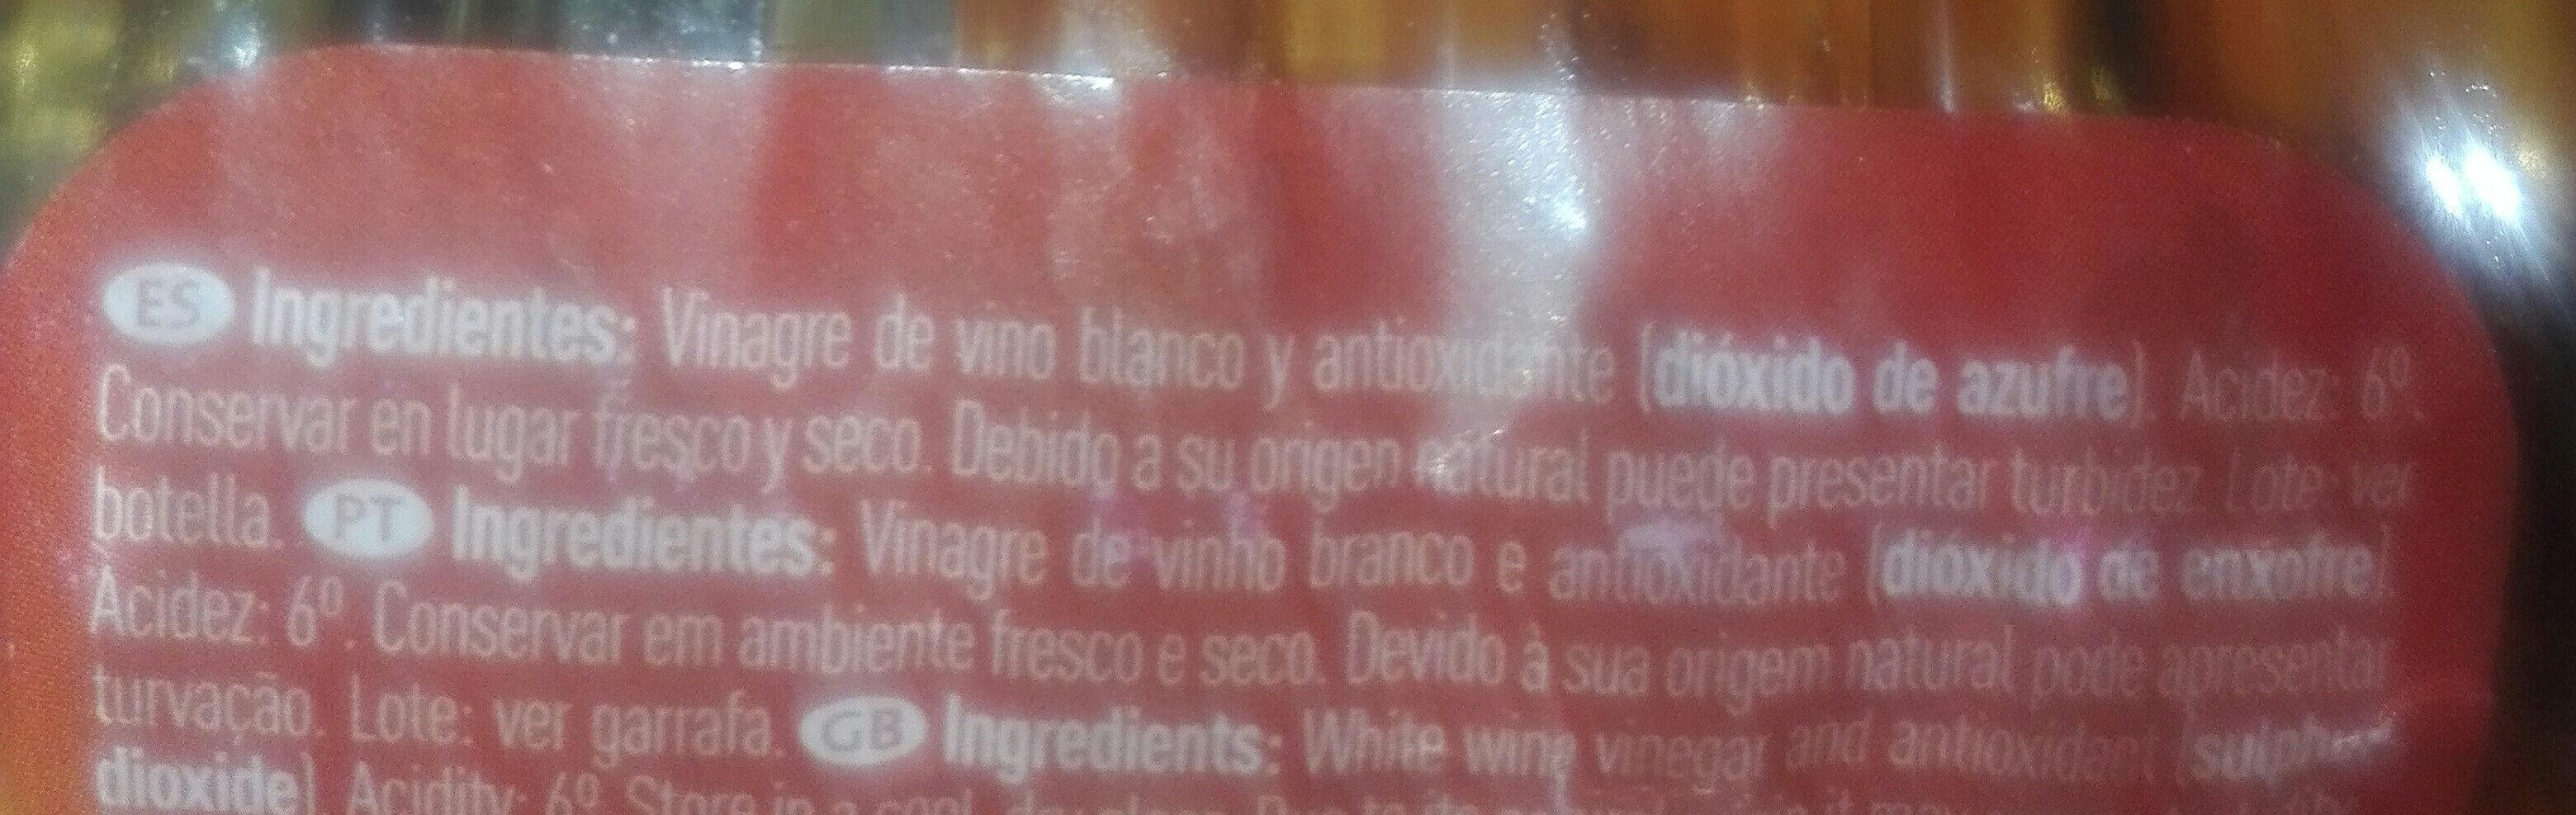 Vinagre de vino blanco - Ingredientes - es